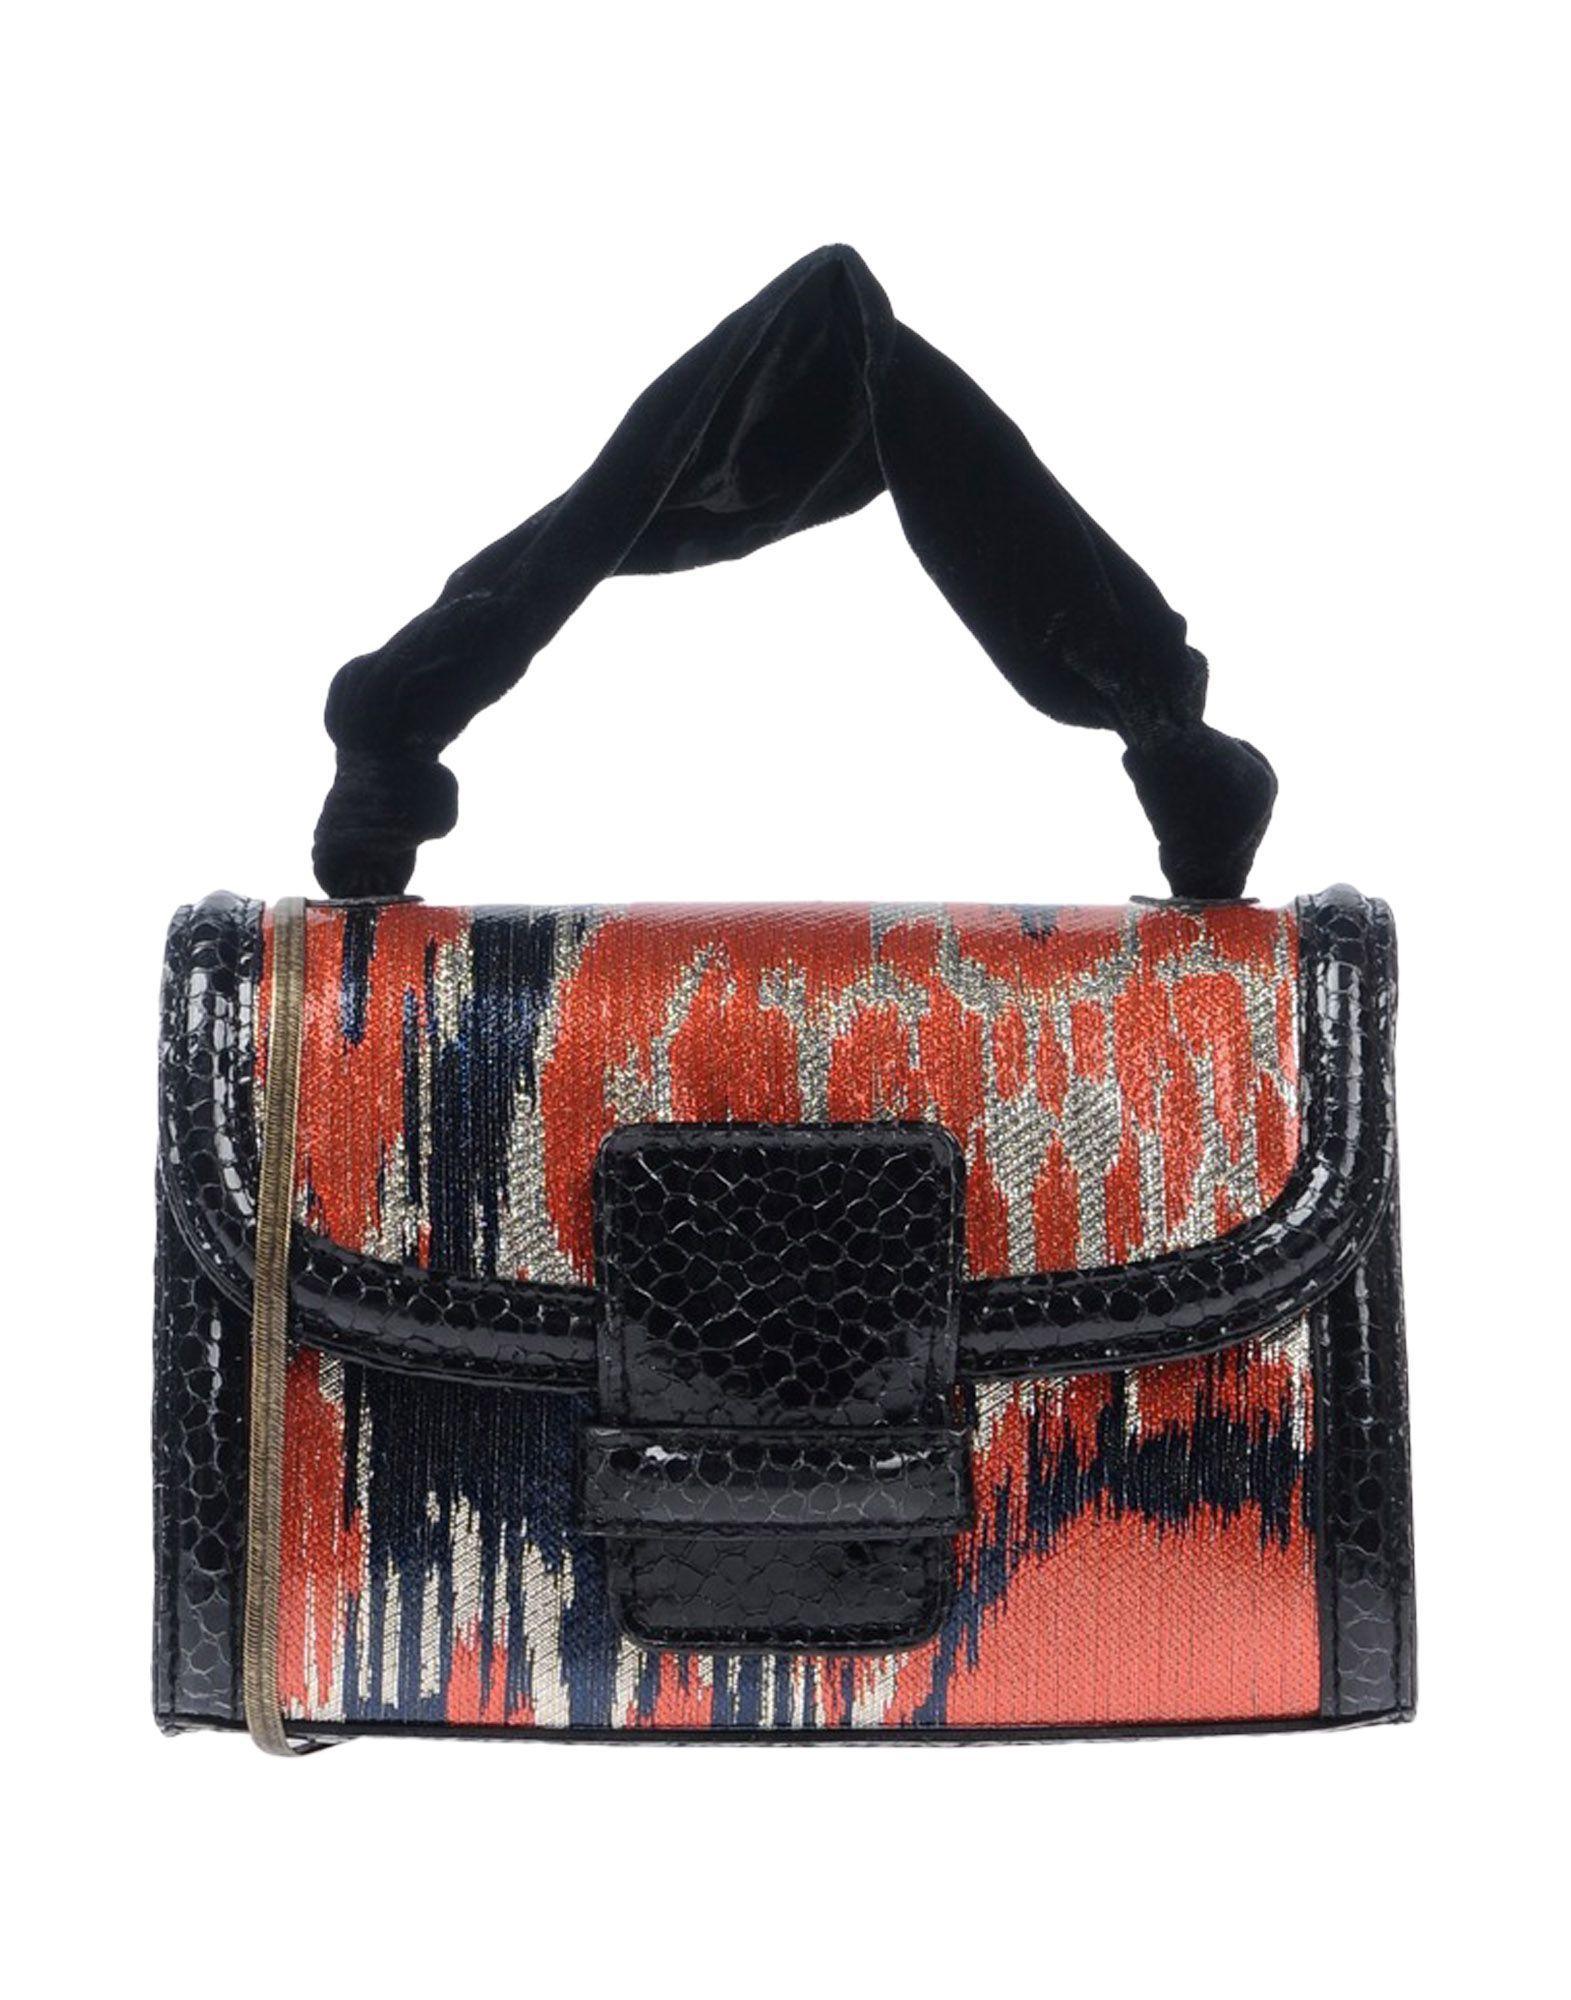 Dries Van Noten Handbag In Black Modesens